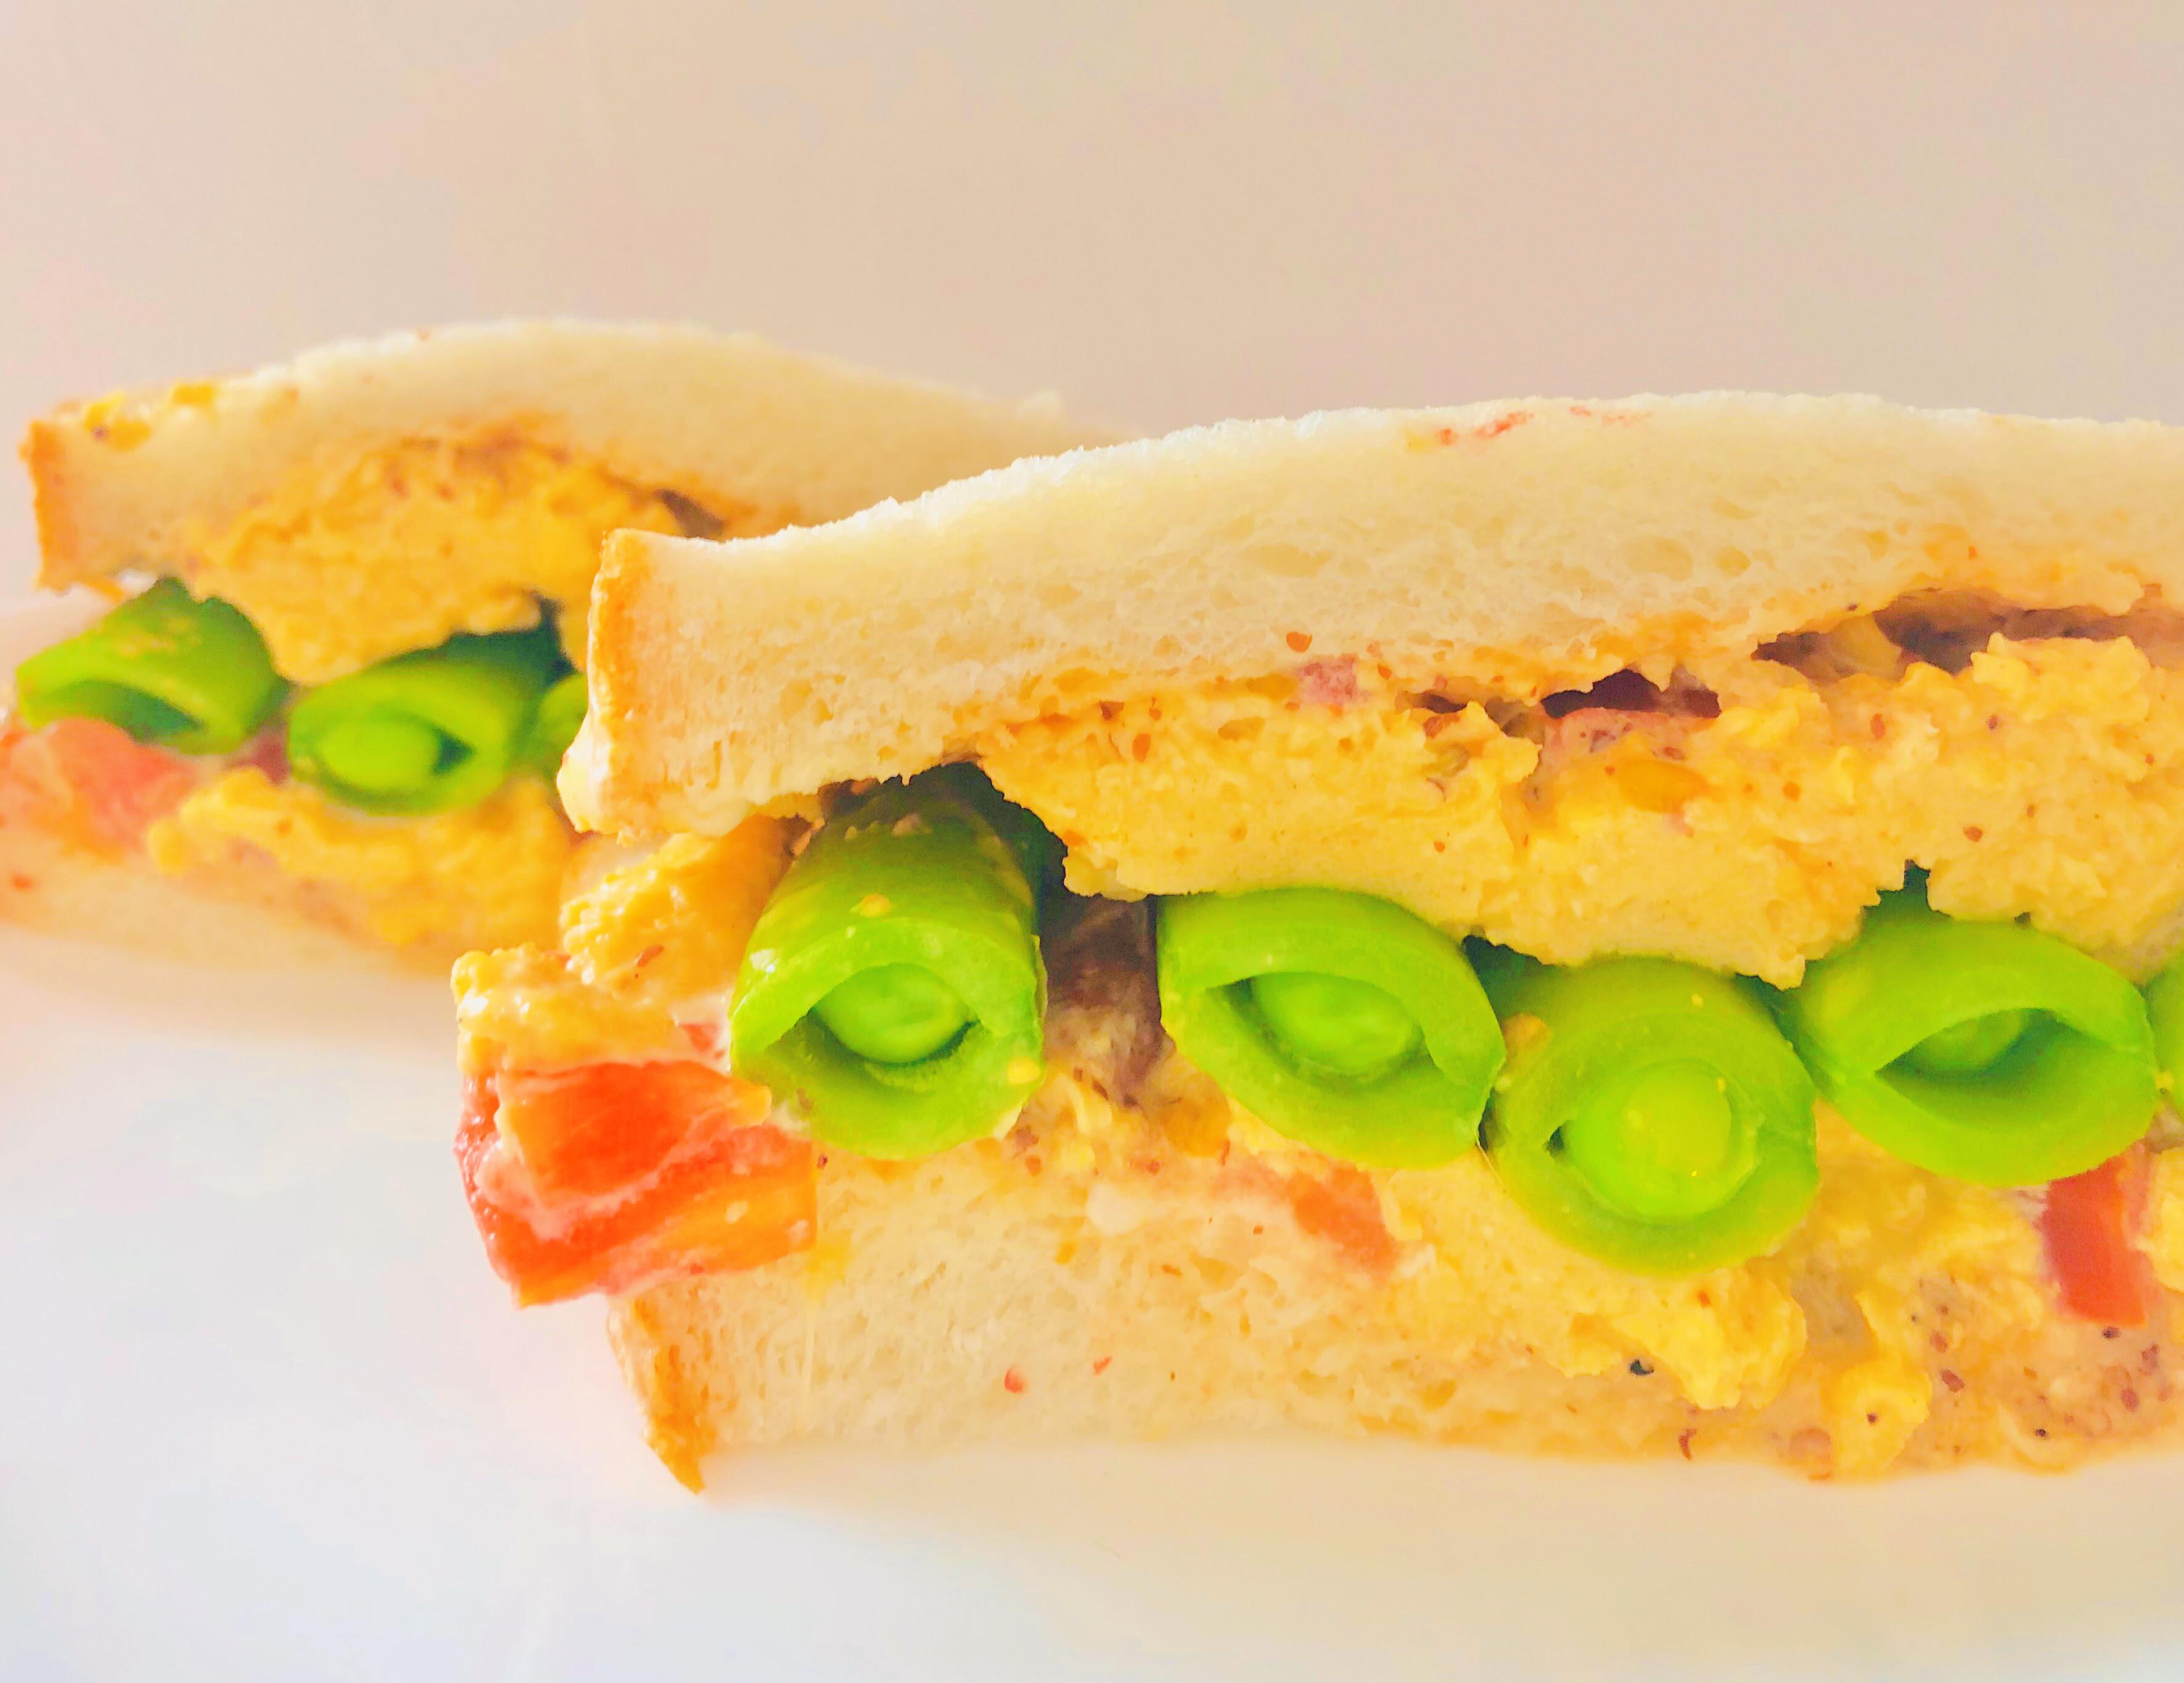 スナップエンドウと卵のサンドイッチ